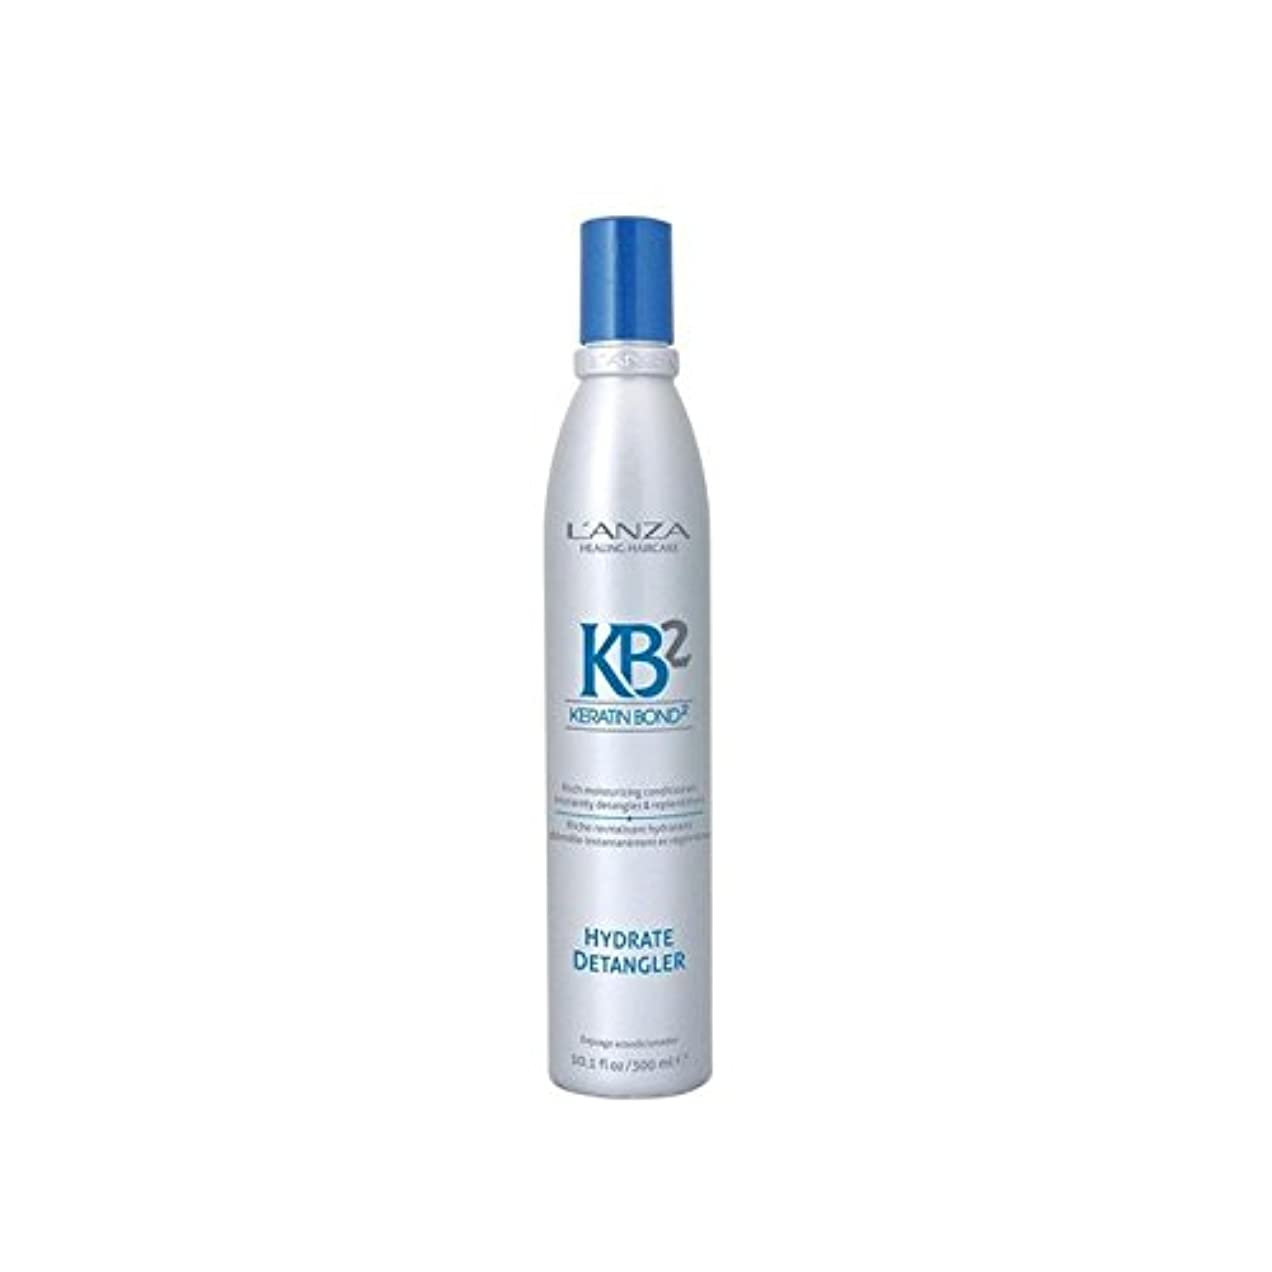 暗唱する評価騒乱アンザ2和物(300ミリリットル) x4 - L'Anza Kb2 Hydrate Detangler (300ml) (Pack of 4) [並行輸入品]